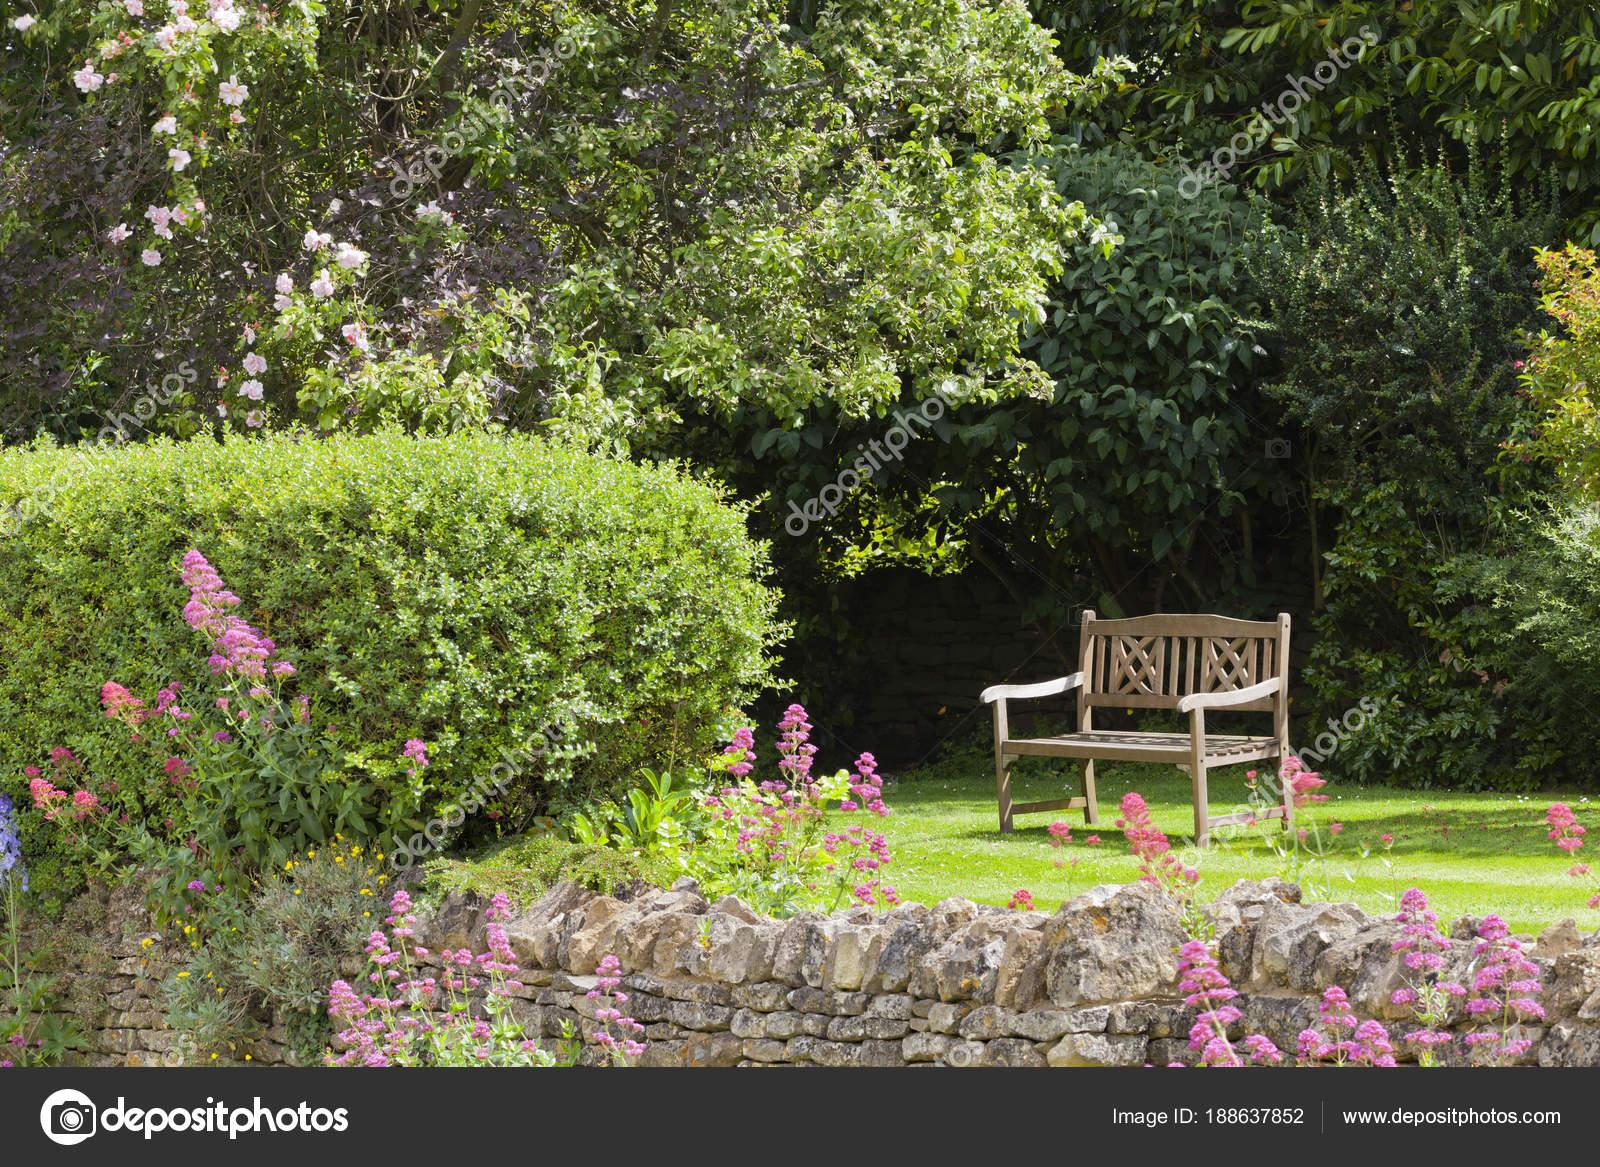 Banc Bois Isolée Dans Jardin Anglais Avec Fleurs Cottage Rosier